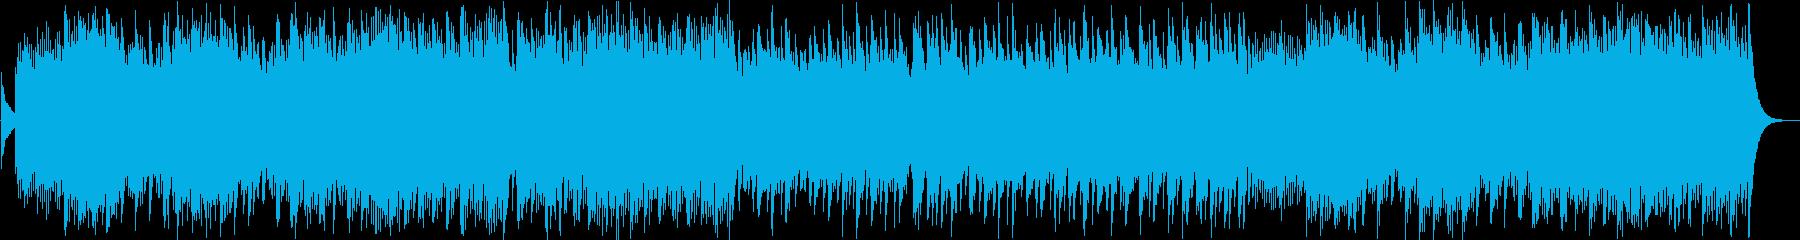 子犬のワルツ/ショパン(オルゴール)の再生済みの波形